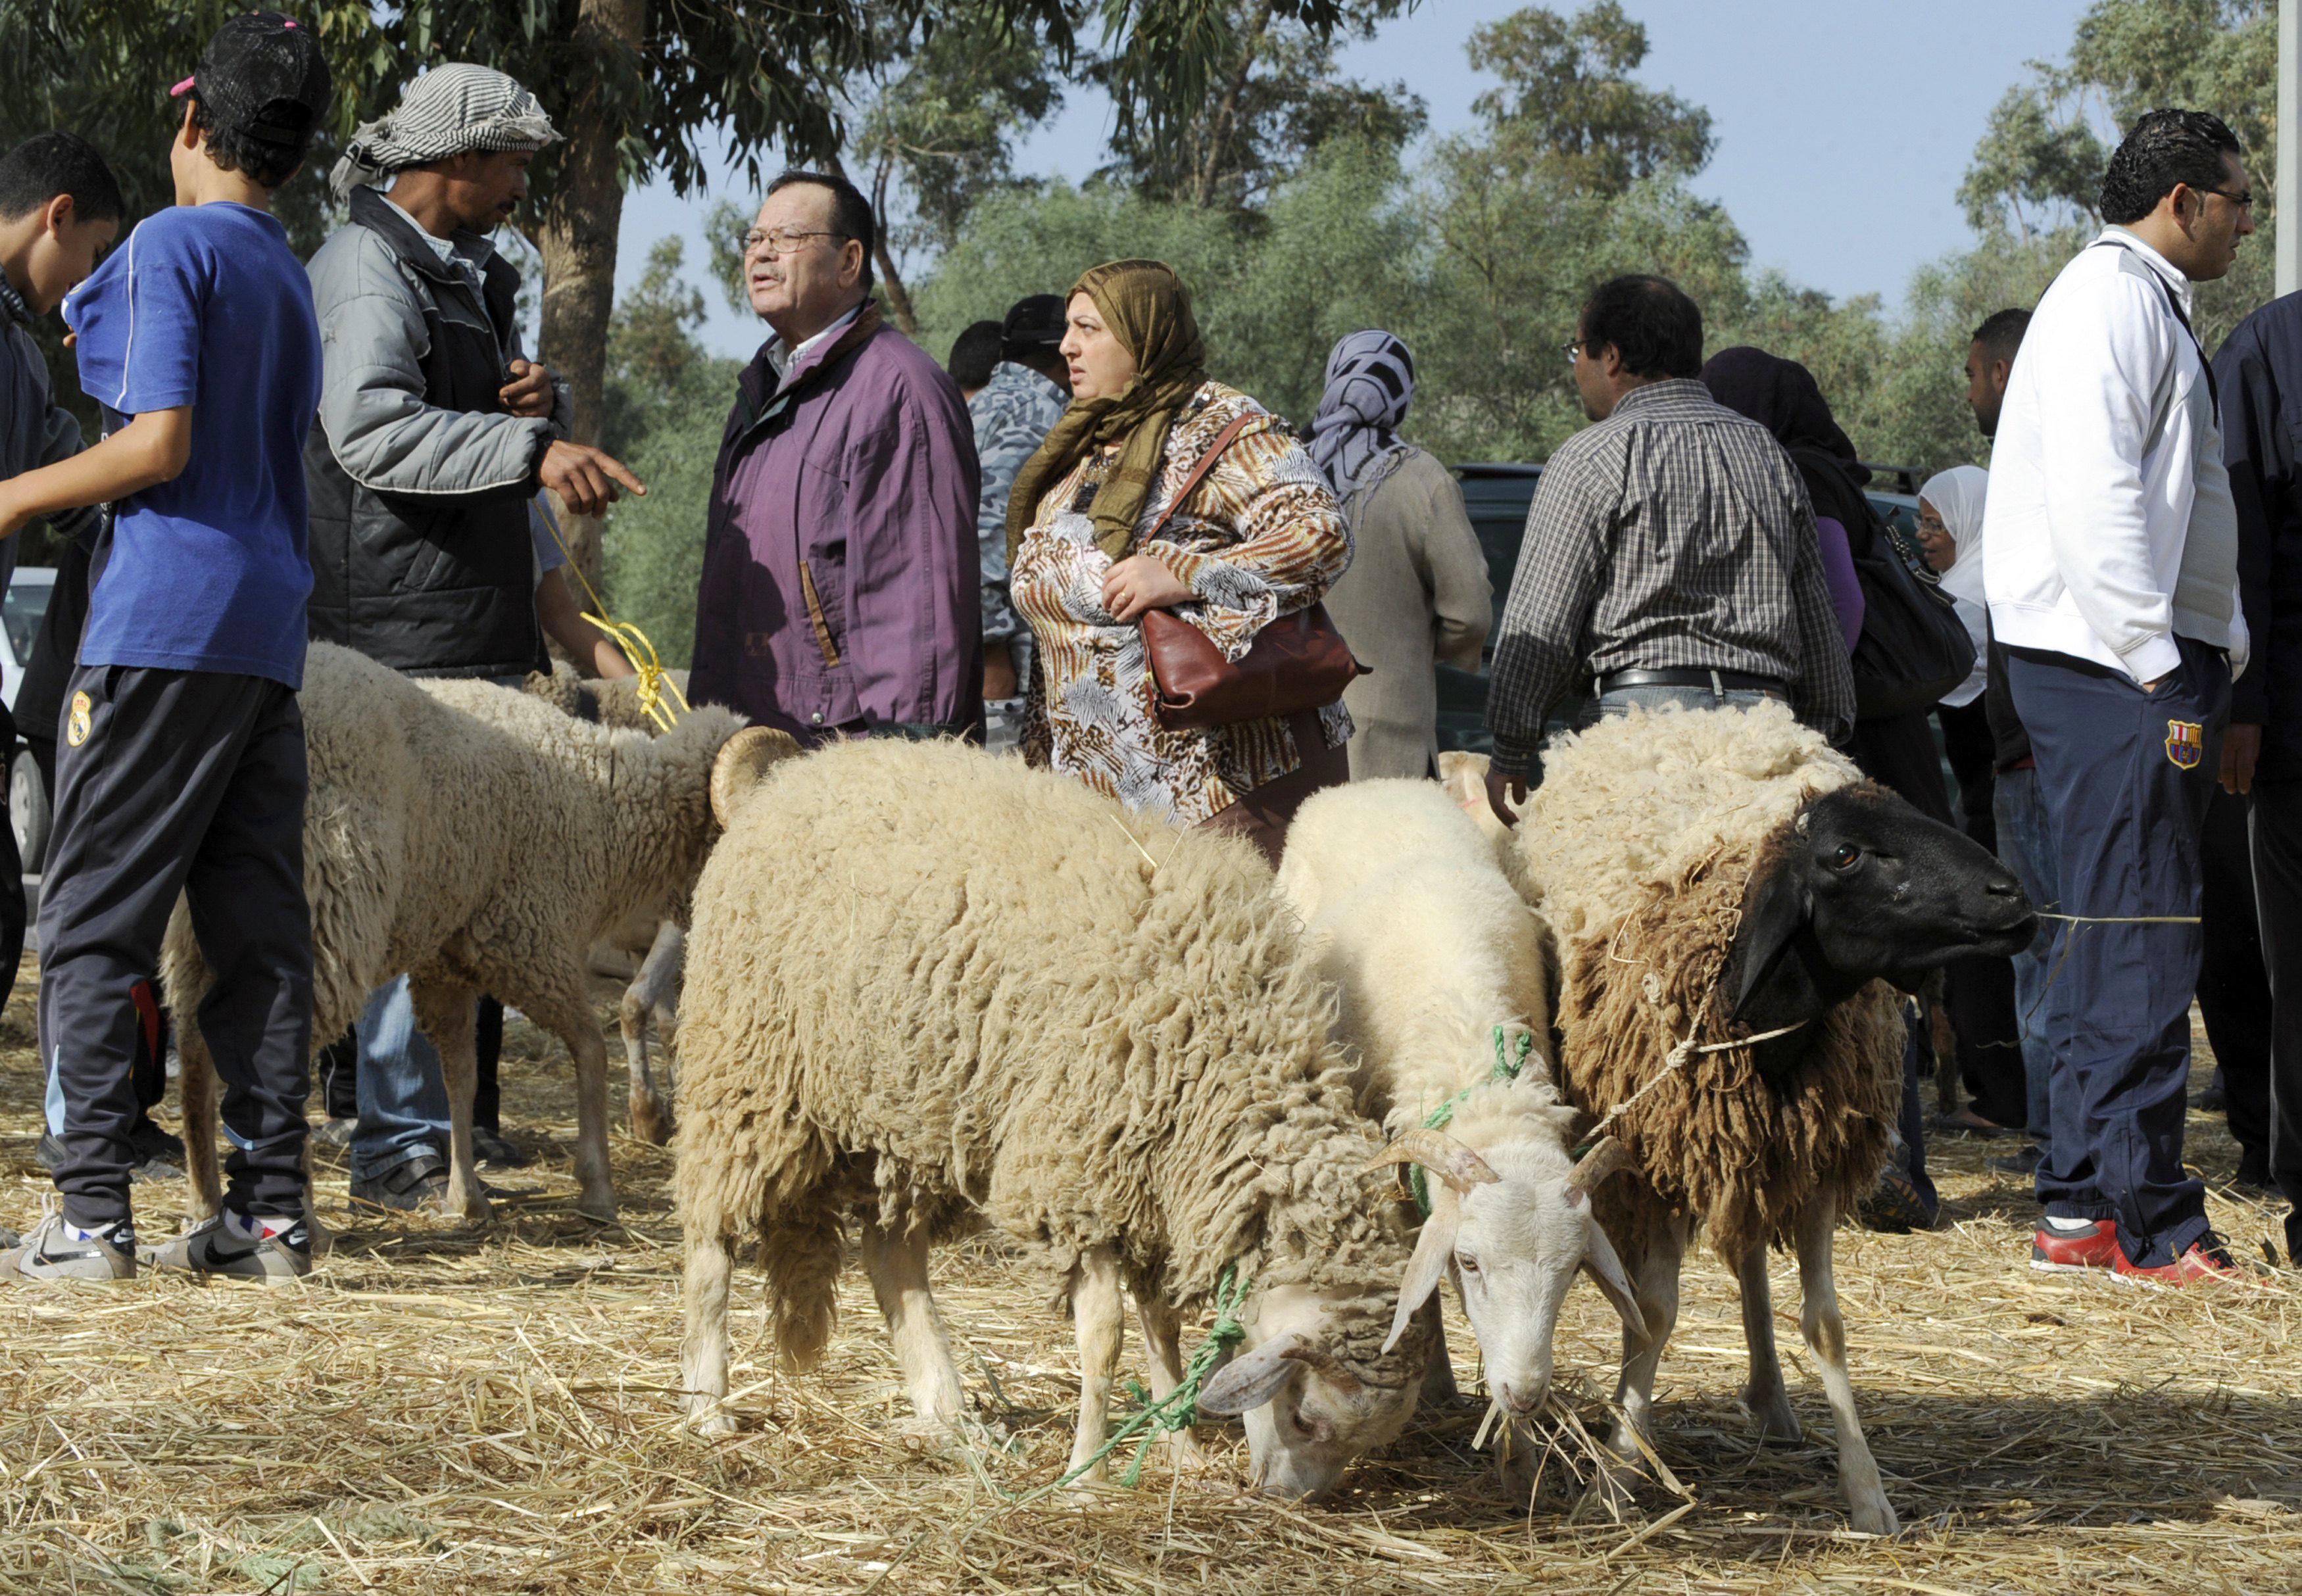 La Tunisie fêtera l'Aïd El Idha mardi 21